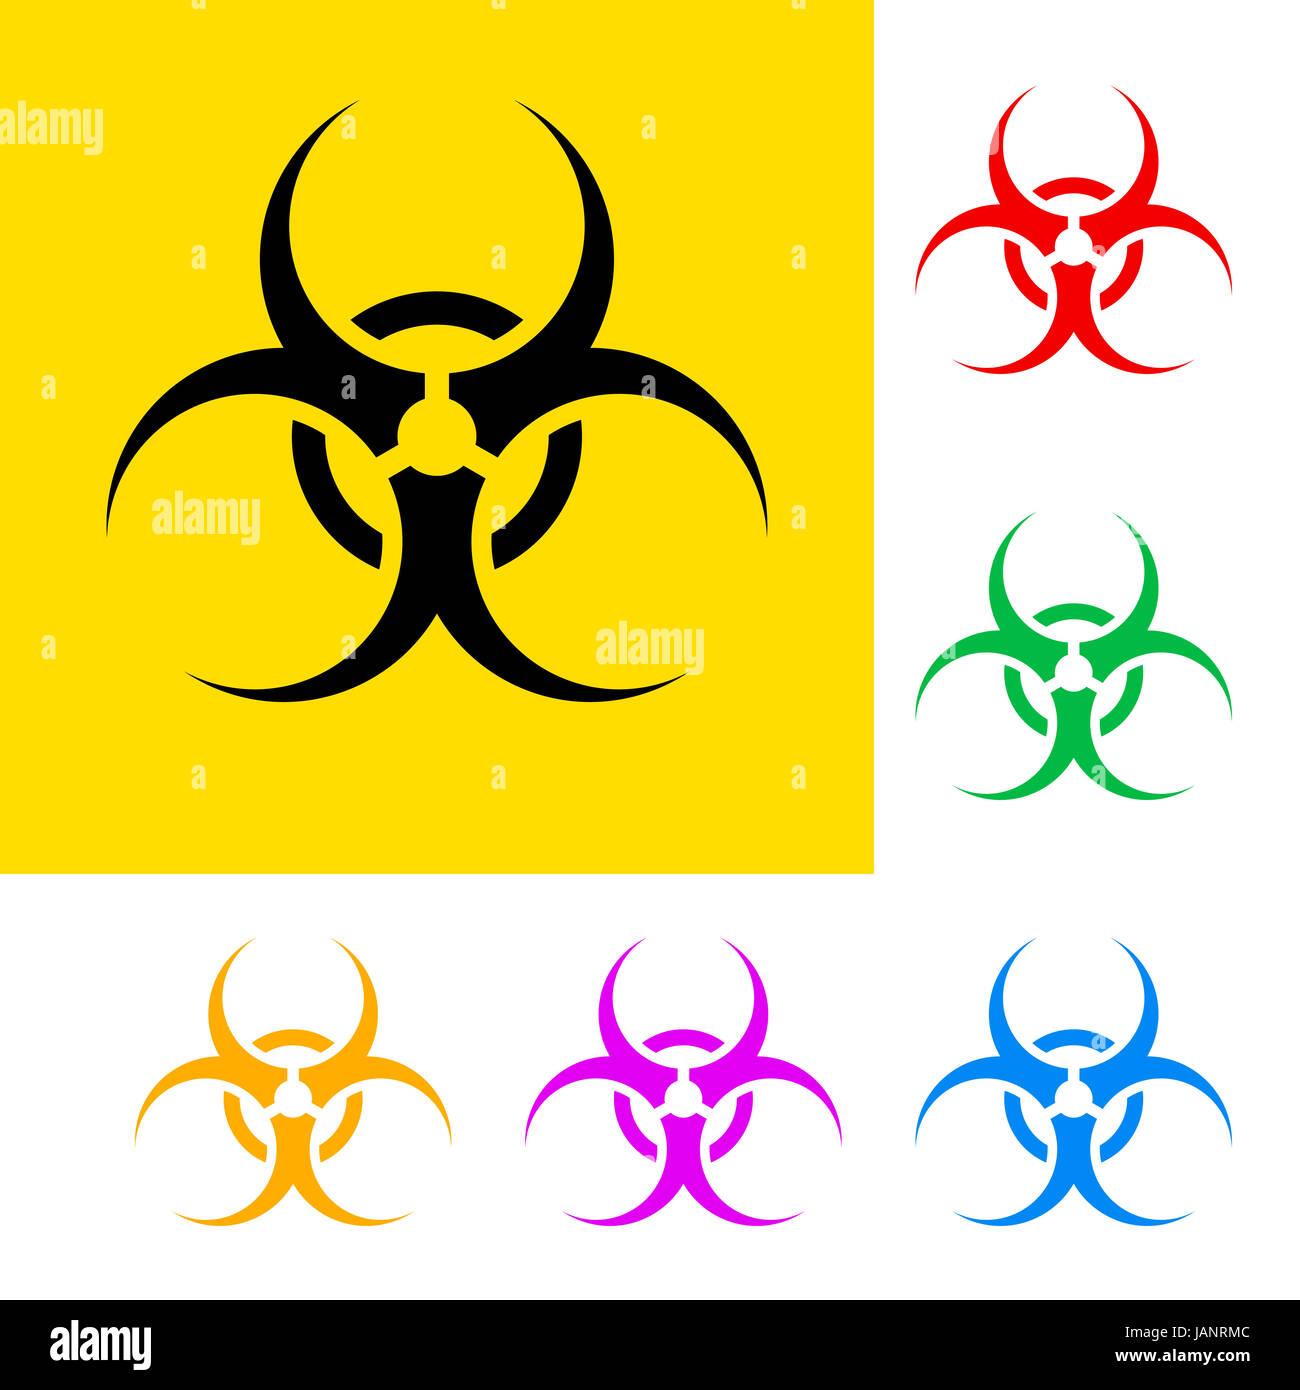 Biological hazard symbols stock photos biological hazard symbols biohazard sign with color variations danger symbols stock image buycottarizona